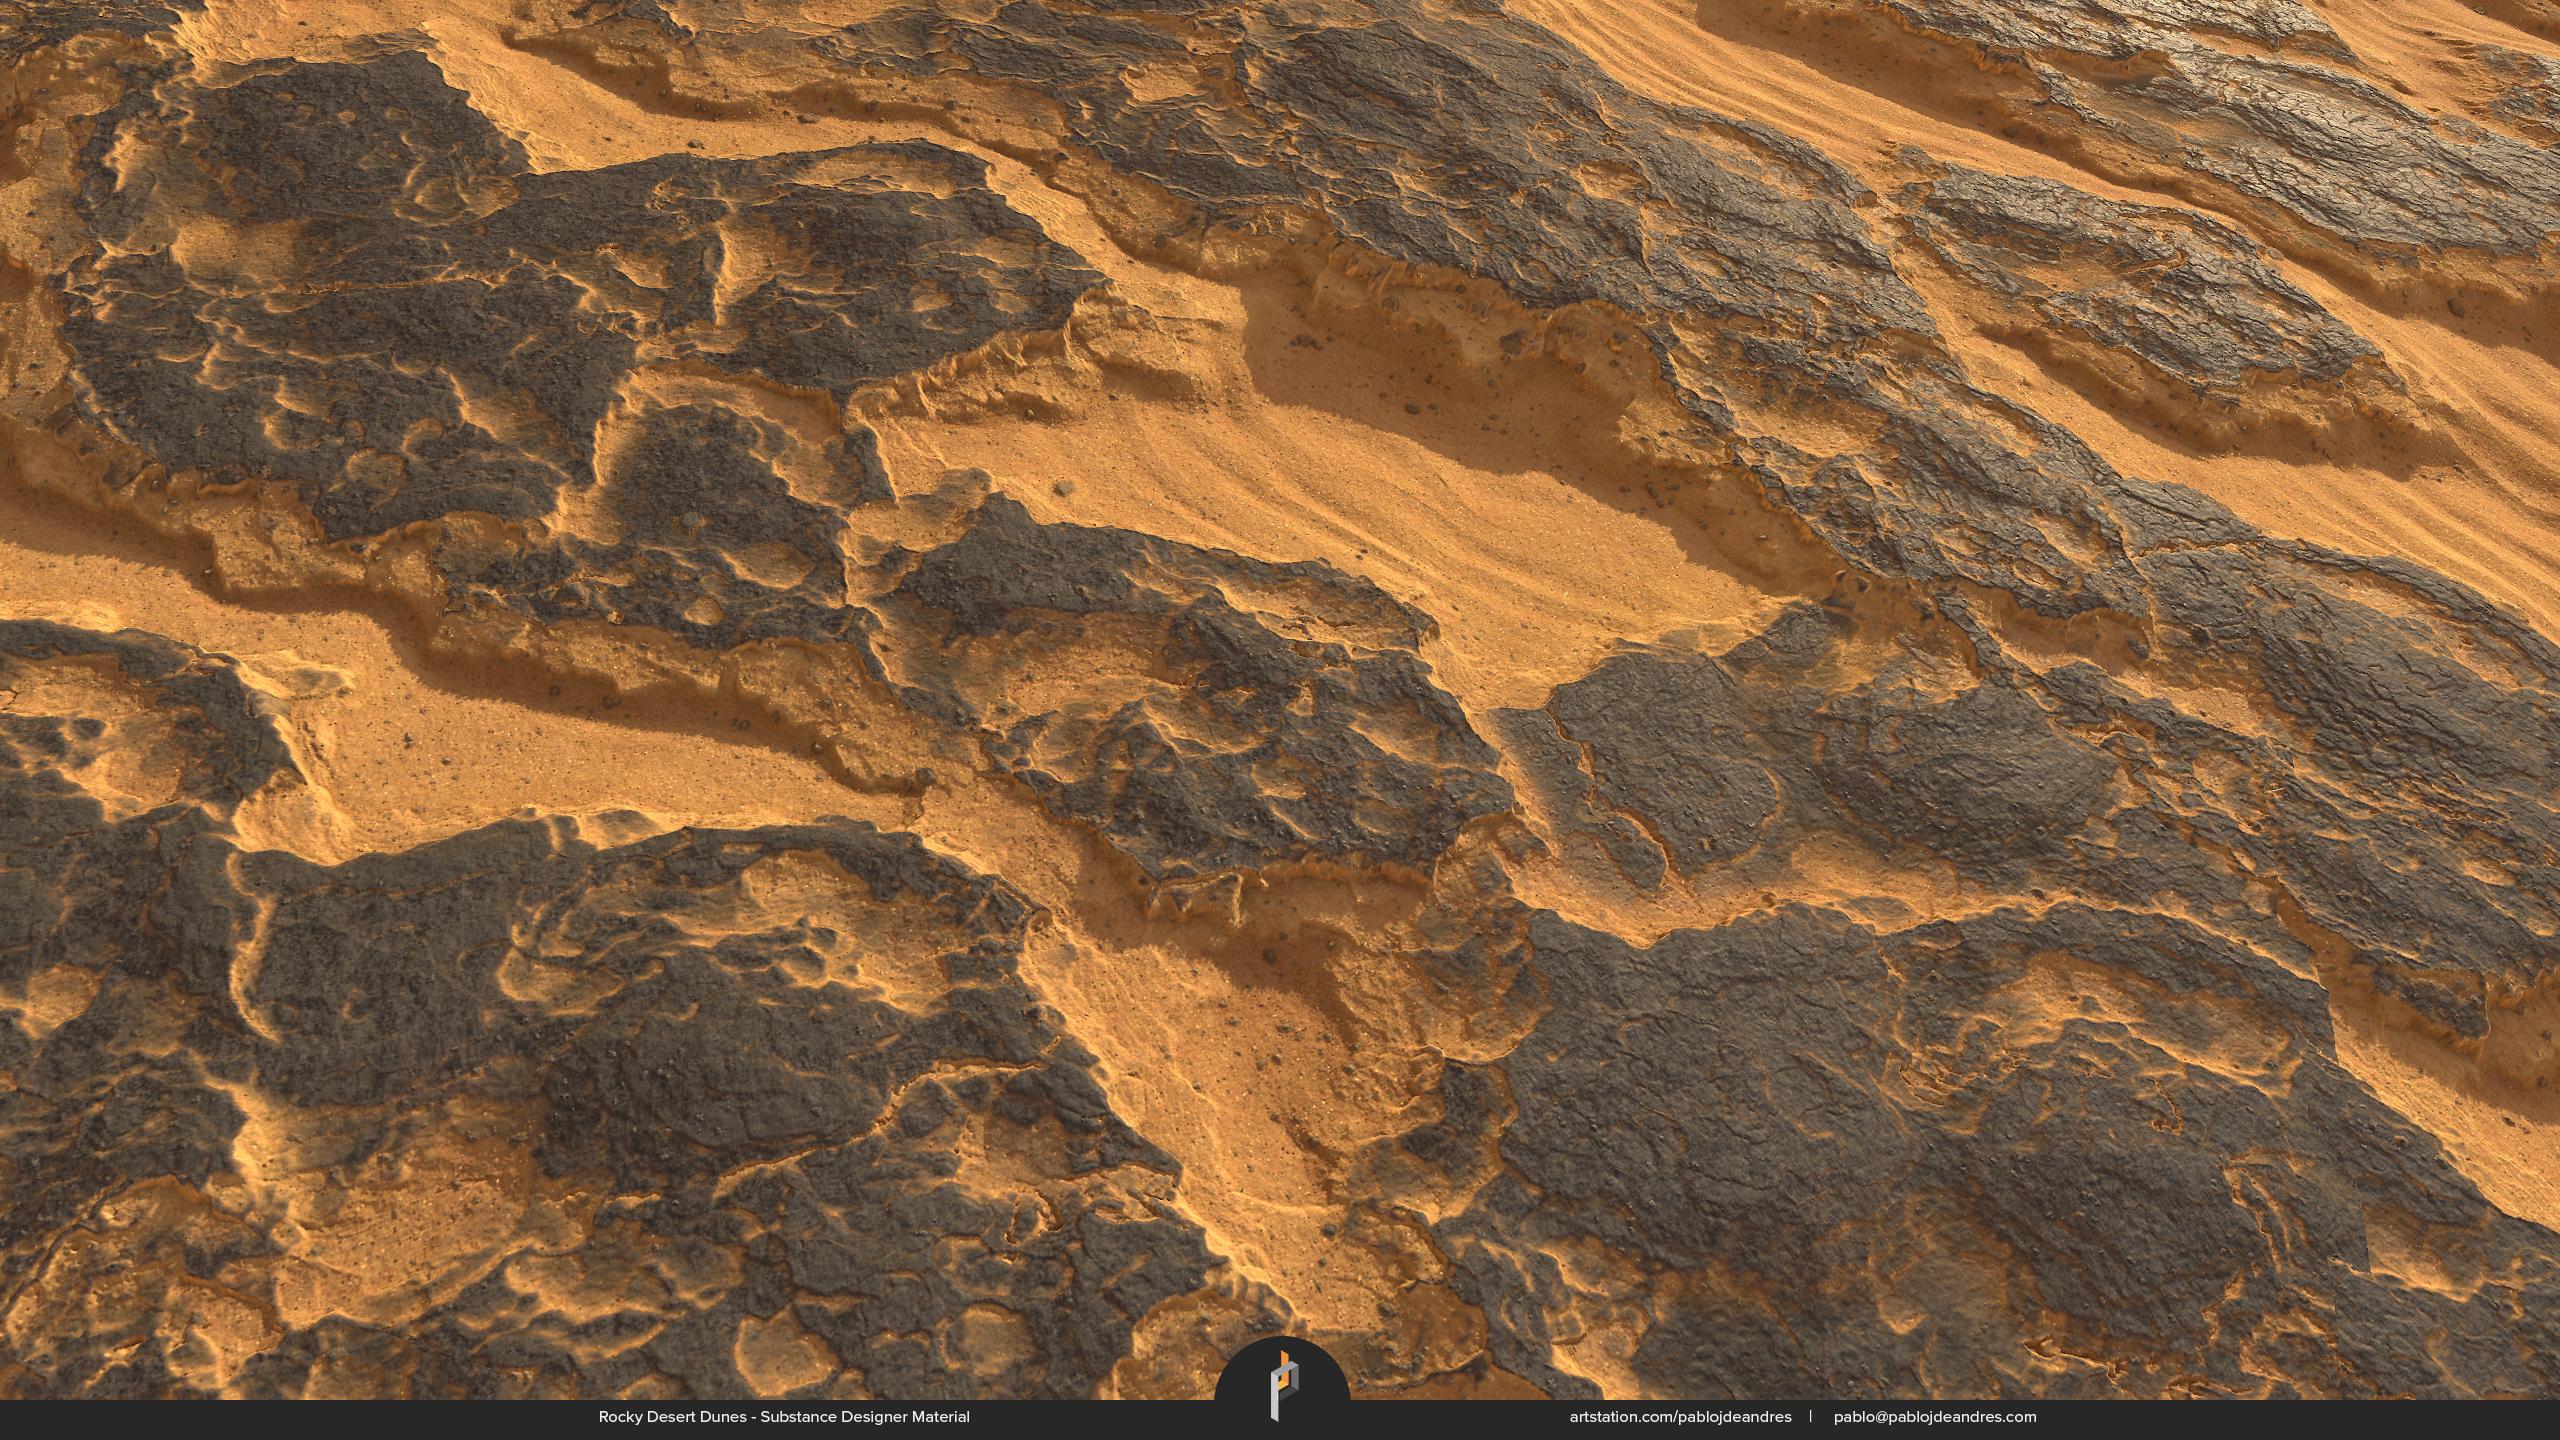 Rocky Desert Dunes - Substance Designer Material